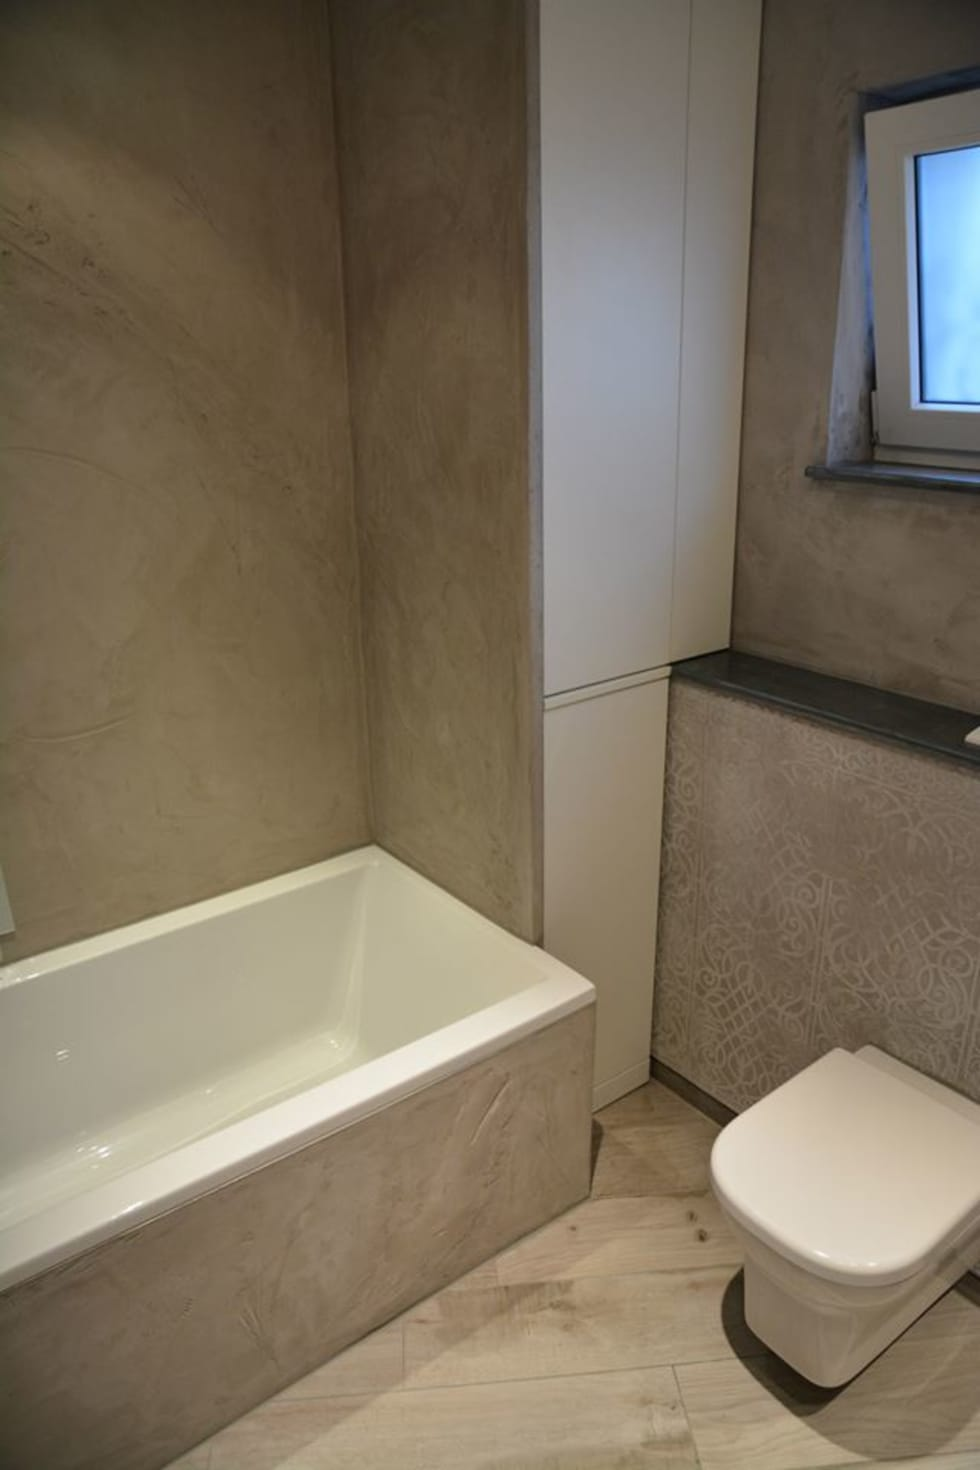 Spa und bäder fugenlose mieneralischer putz: moderne badezimmer von ...